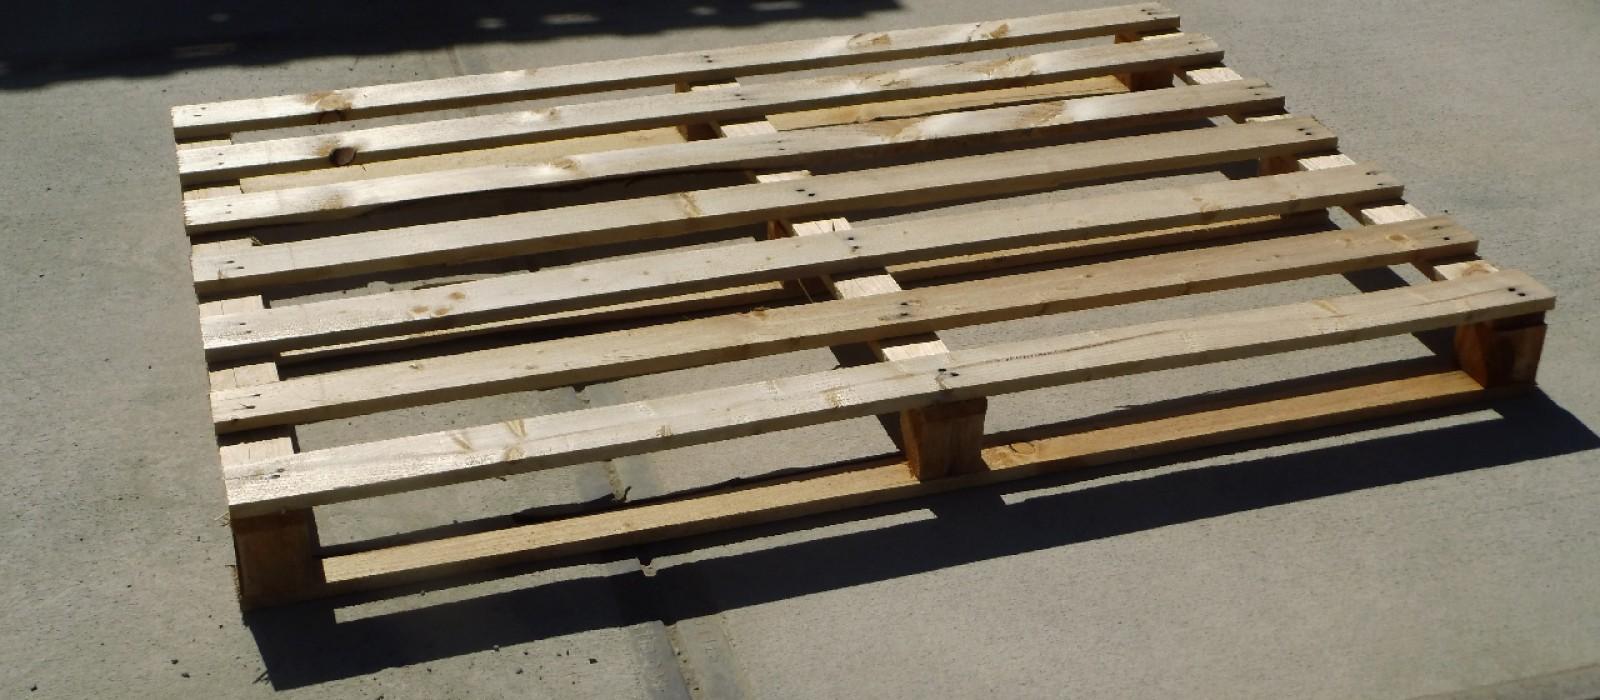 4-Wege-Palette-1500×1000-mm